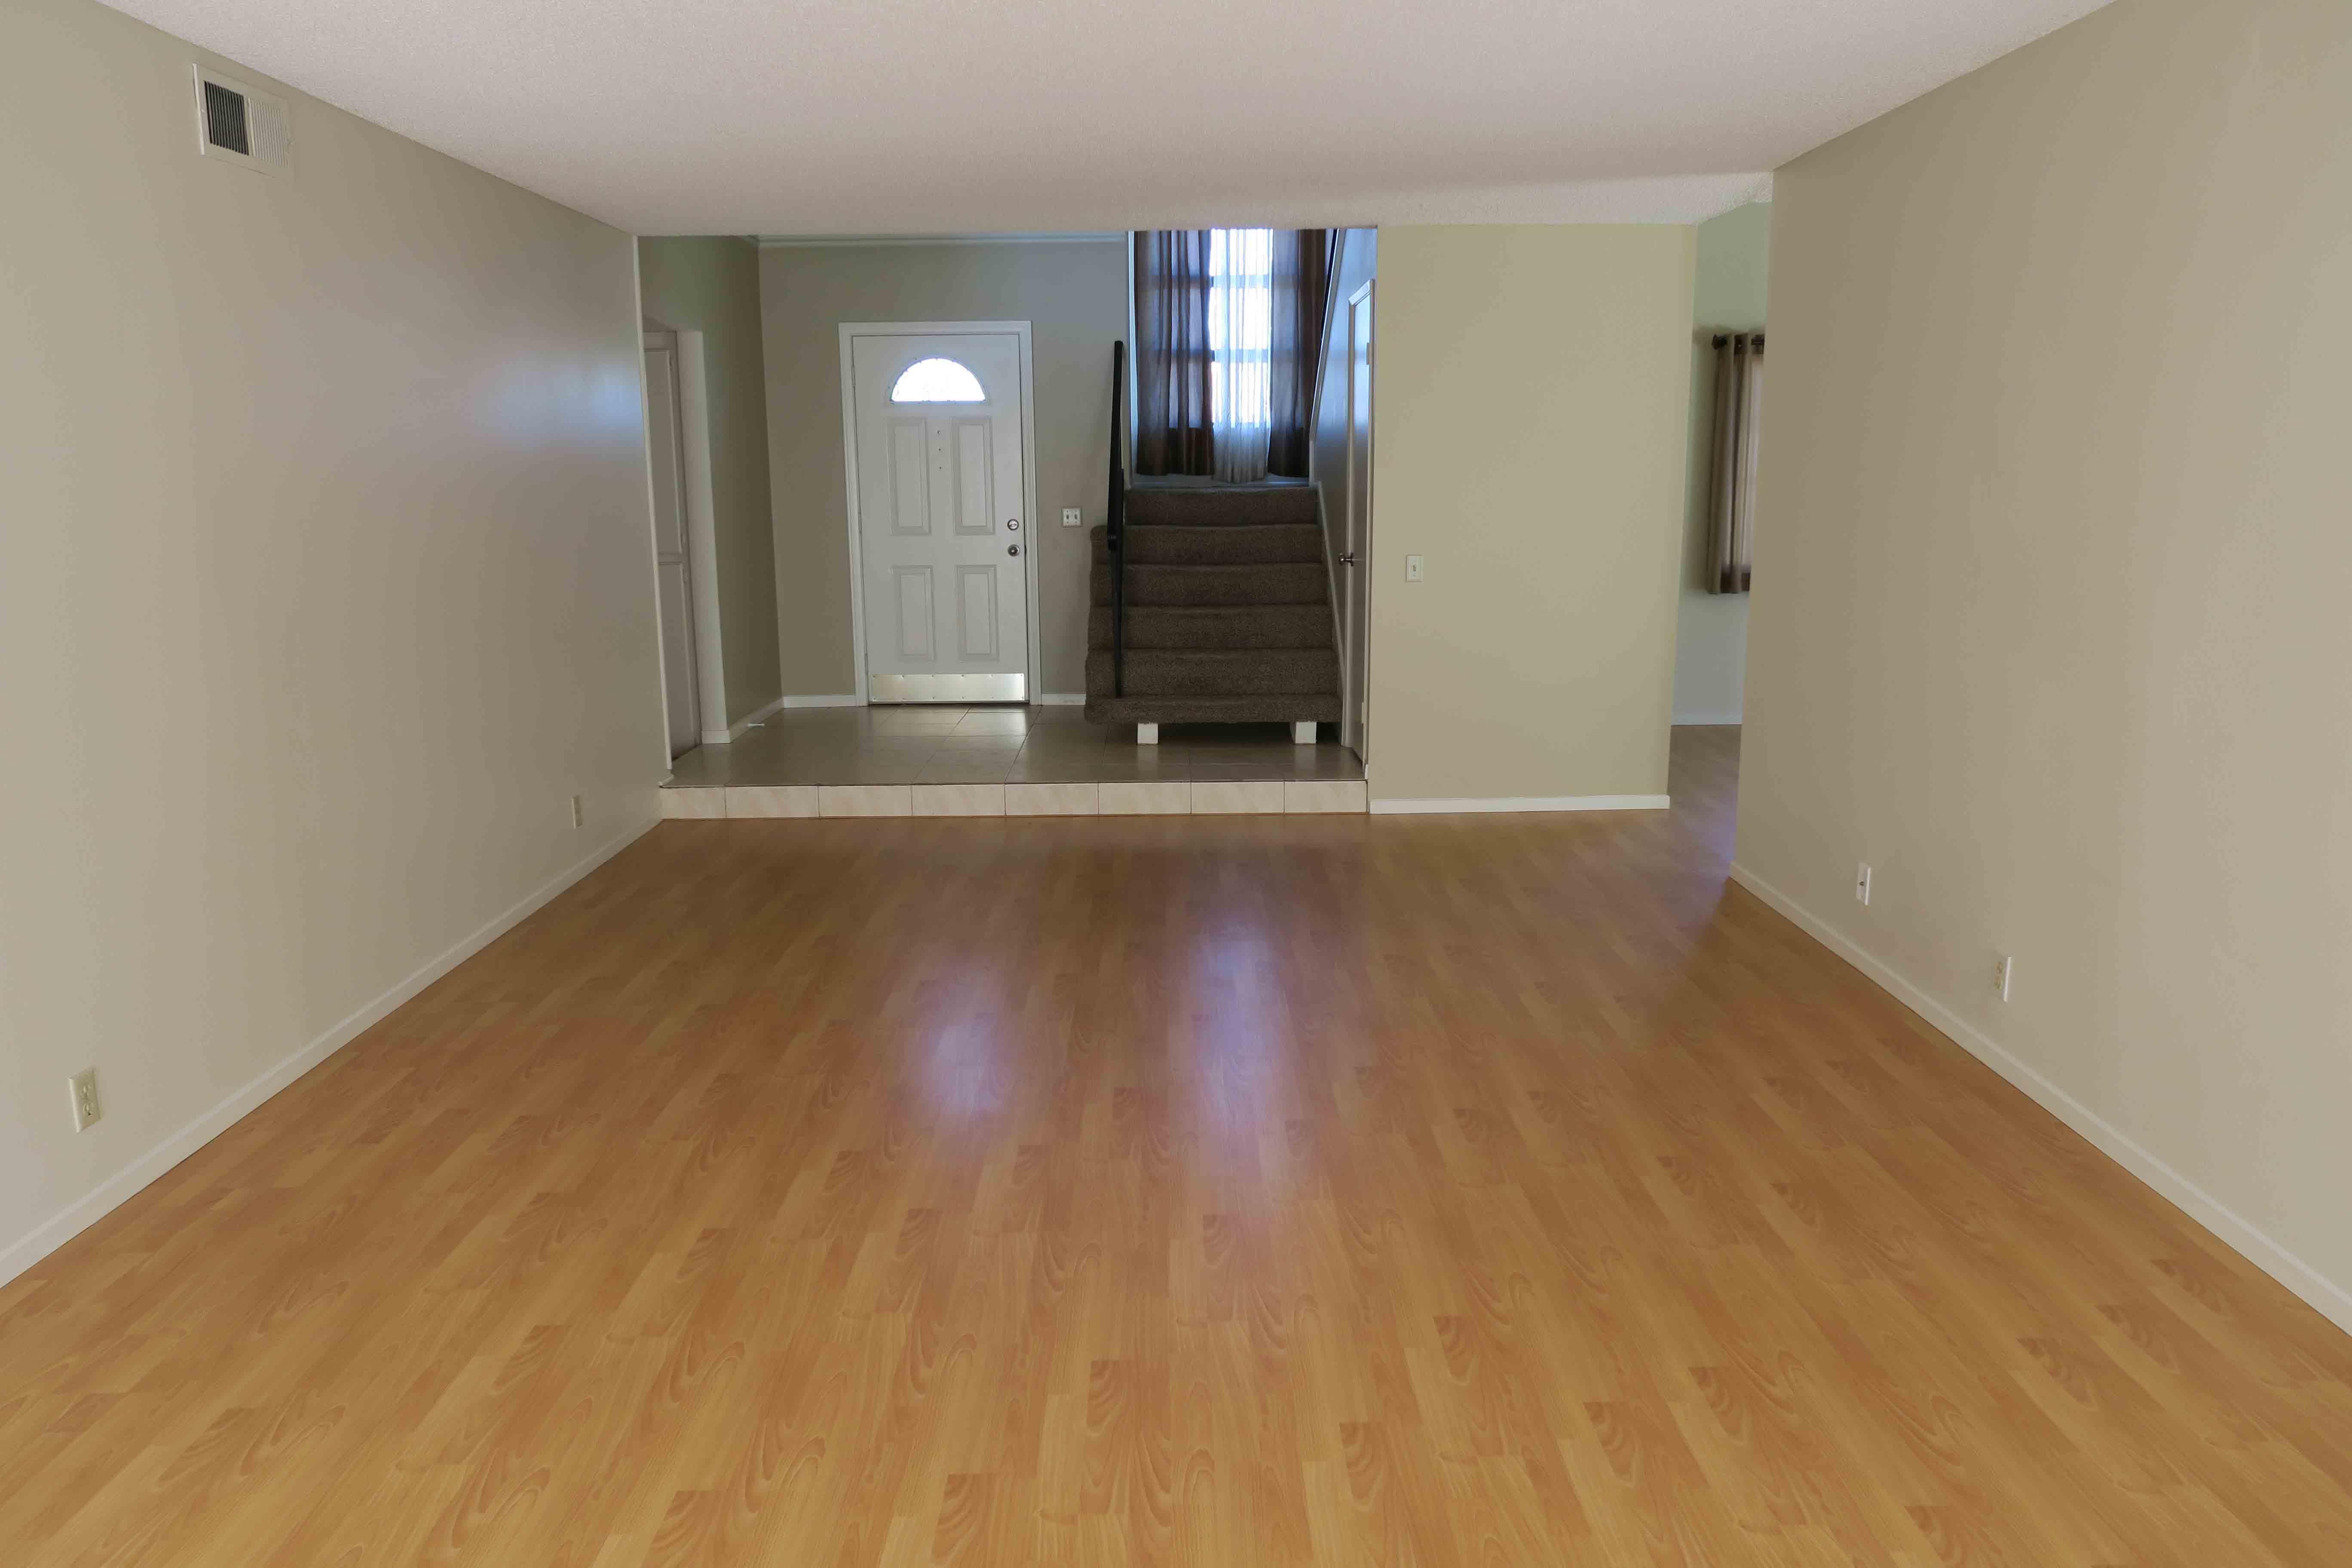 1841 Adelaide Ct, Oxnard CA 93035 Living Room View 2